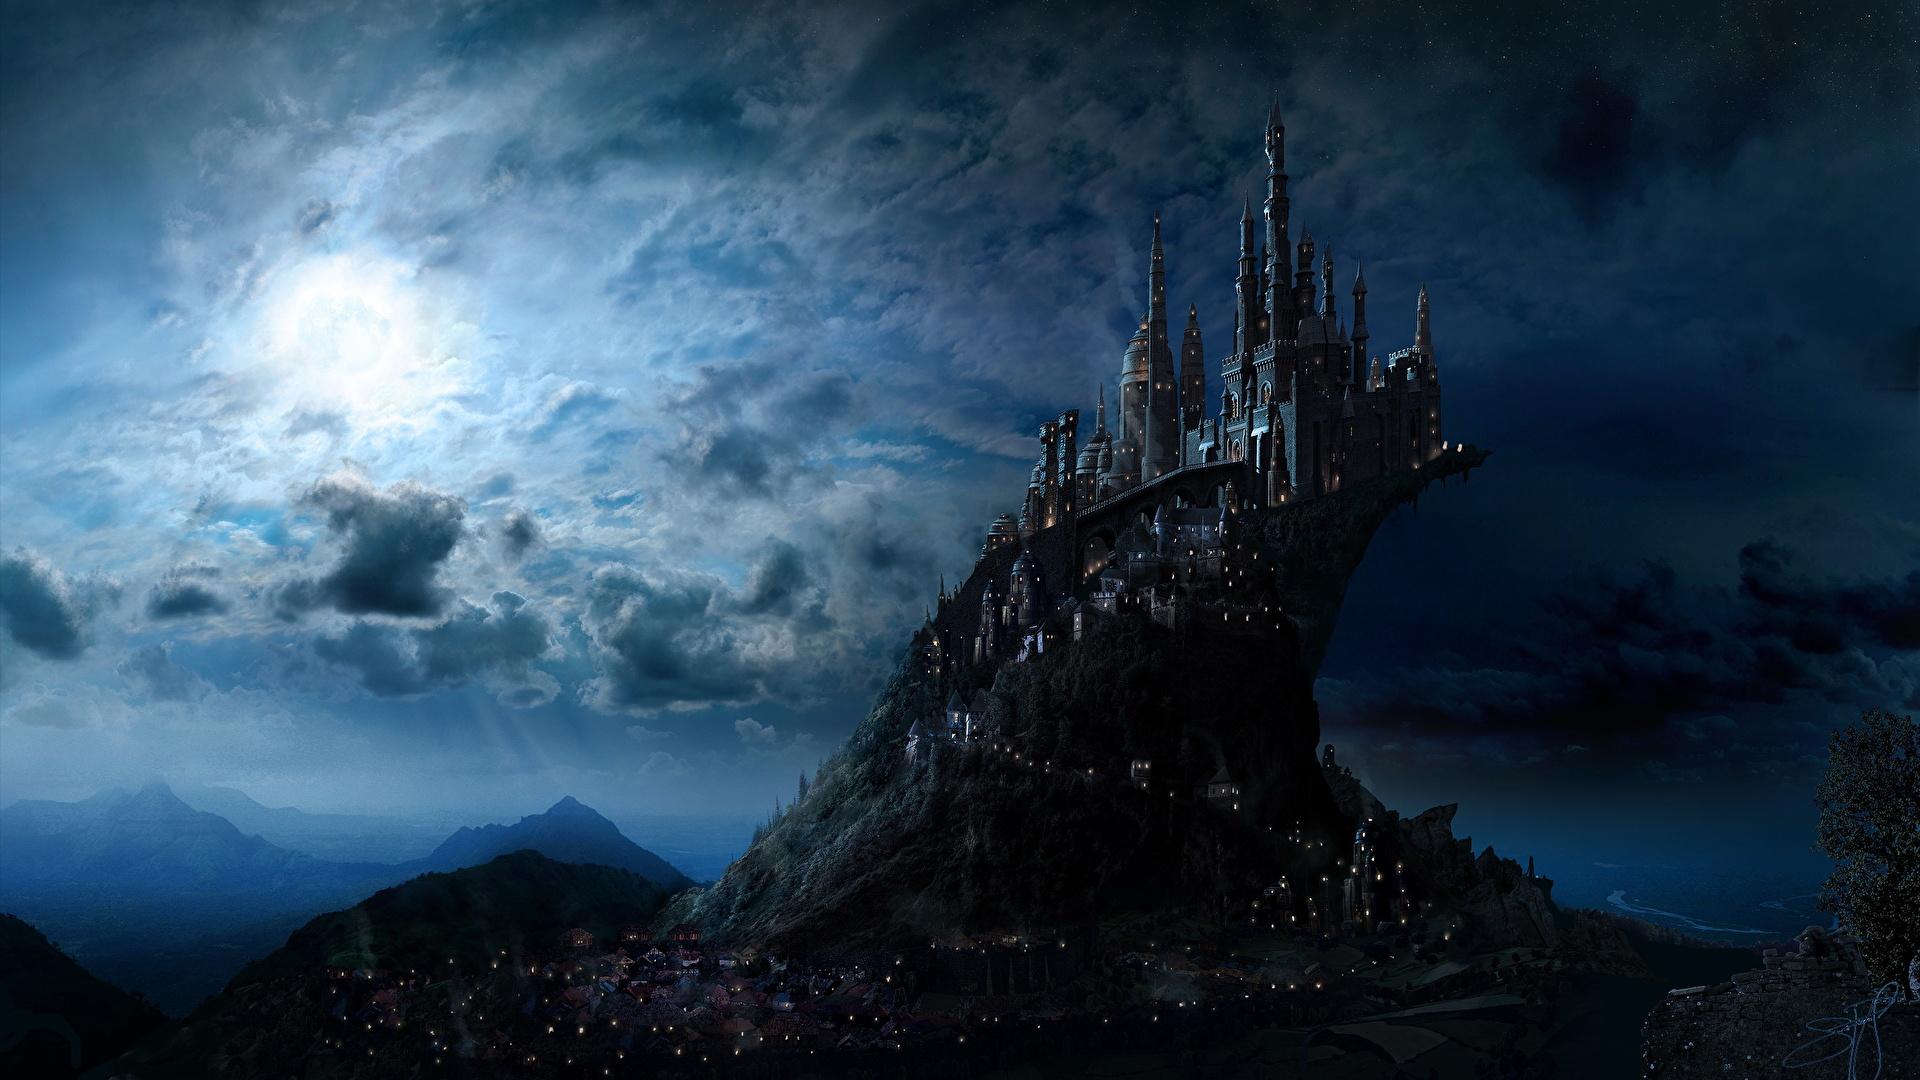 壁紙 1920x1080 ハリー ポッター 城 幻想的な世界 Hogwarts 夜